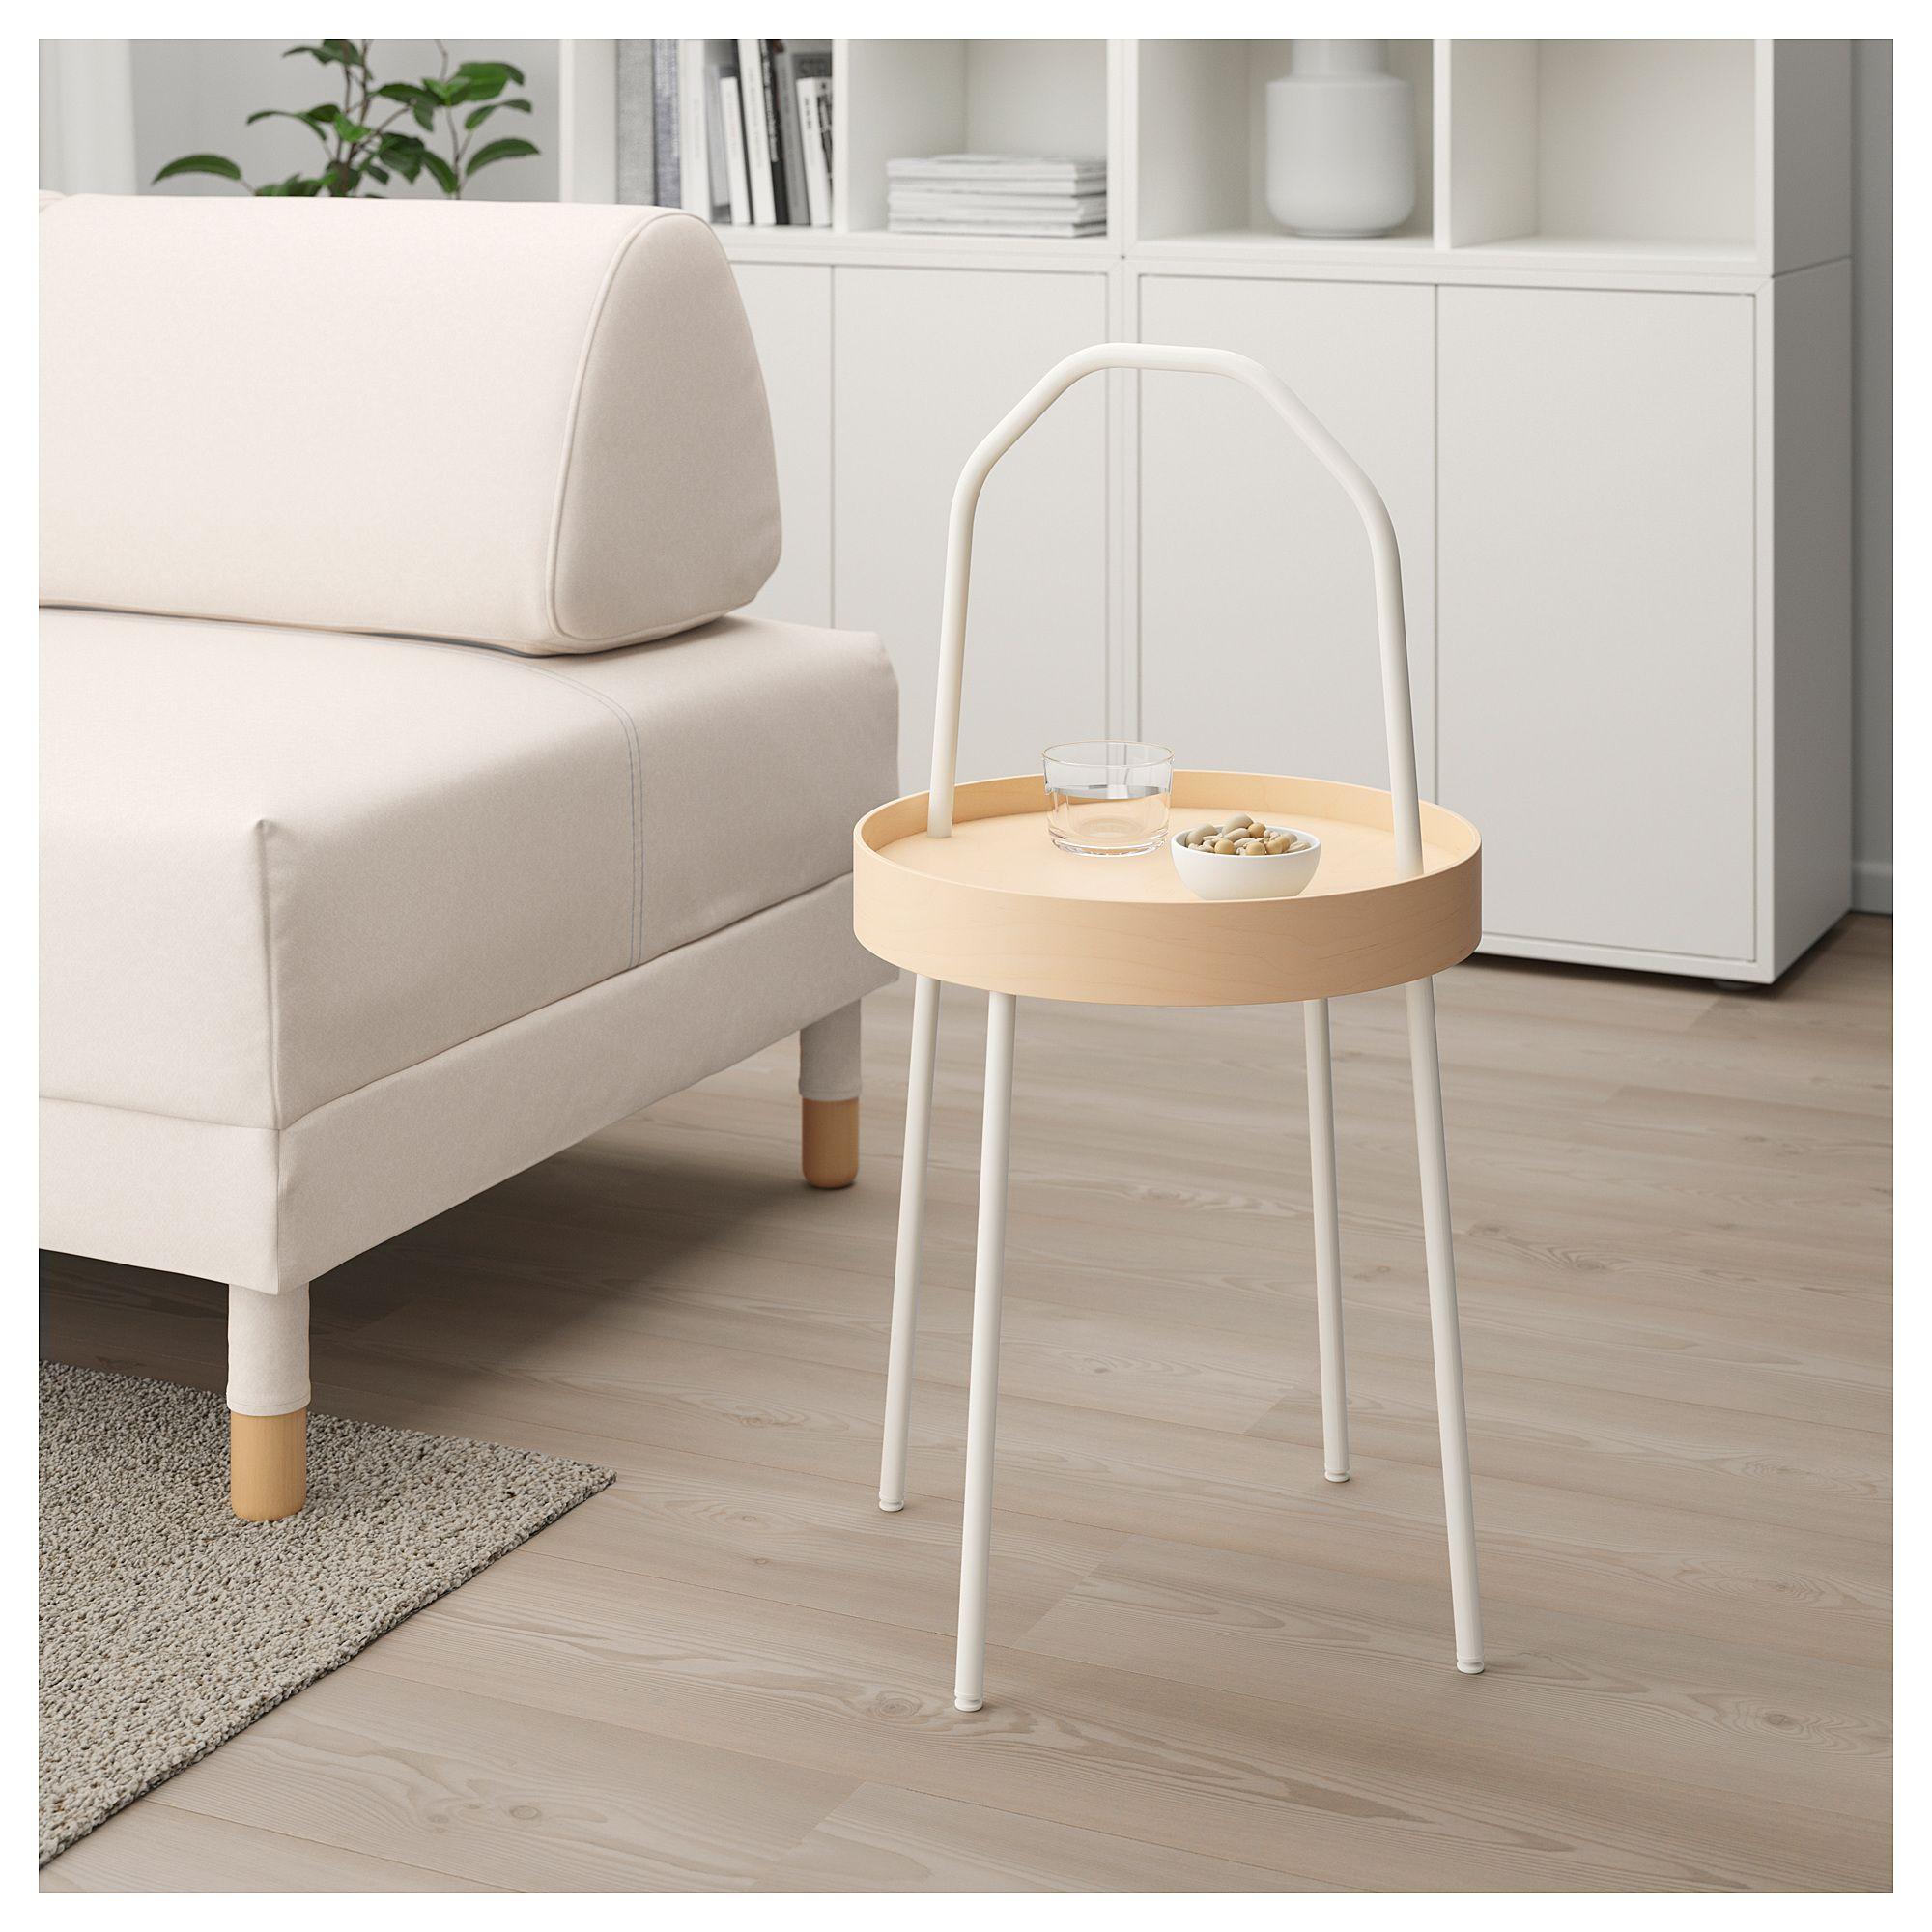 Burvik Side Table White Ikea Beistelltische Beistelltisch Weiss Beistelltische Wohnzimmer